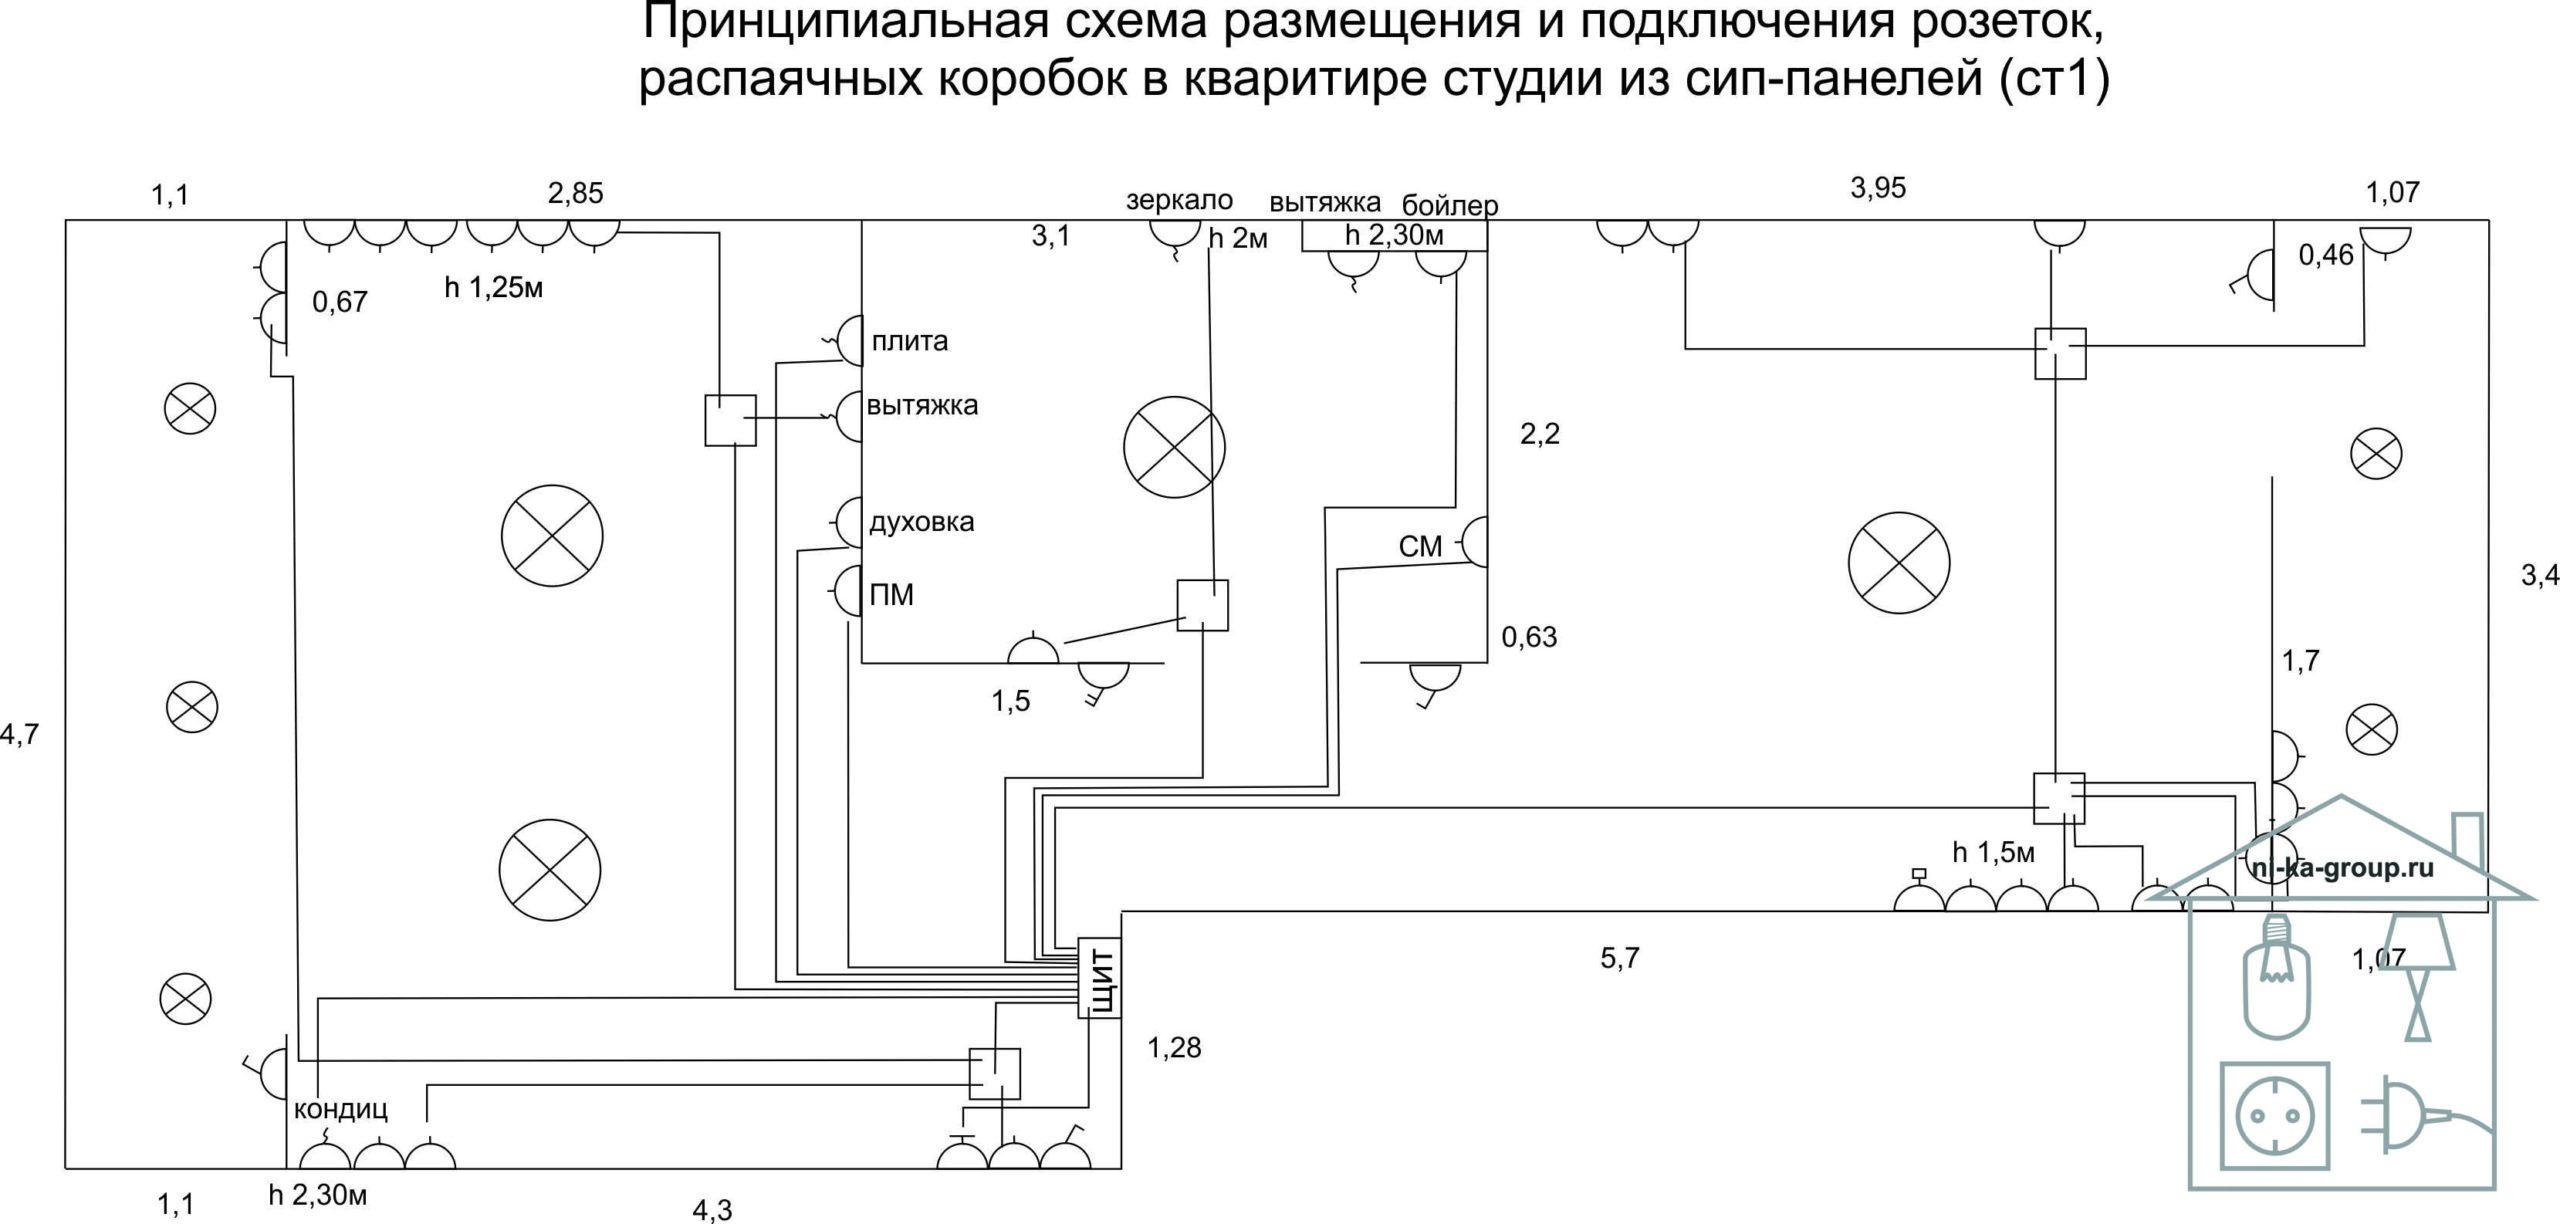 Электрическая схема подключения линий розеток в квартире студии